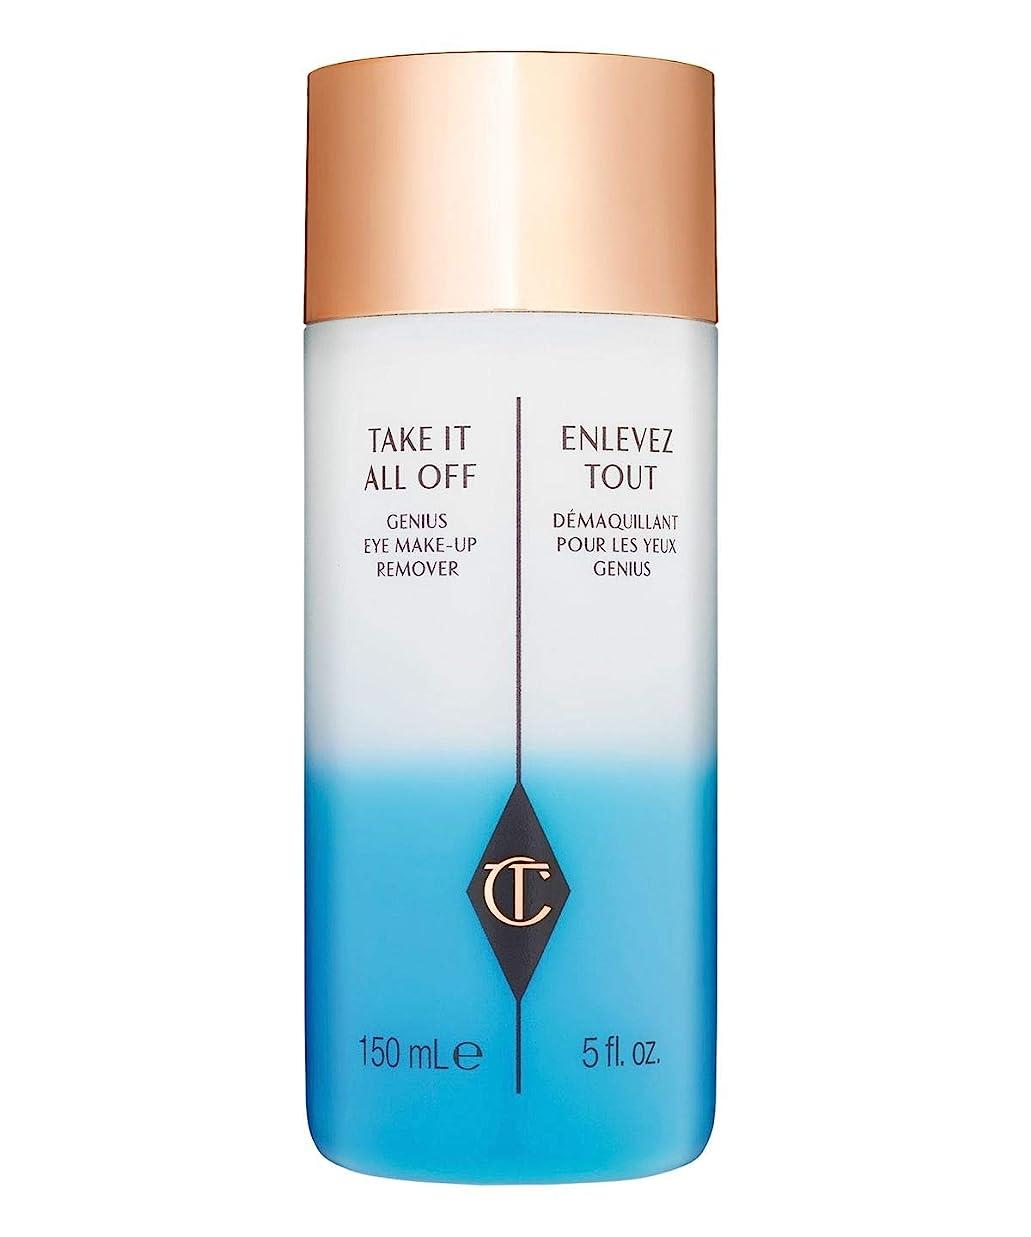 もちろん問い合わせ症候群Charlotte Tilbury Take It All Off Genius Eye Make-up Remover 150ml シャーロットティルバリー